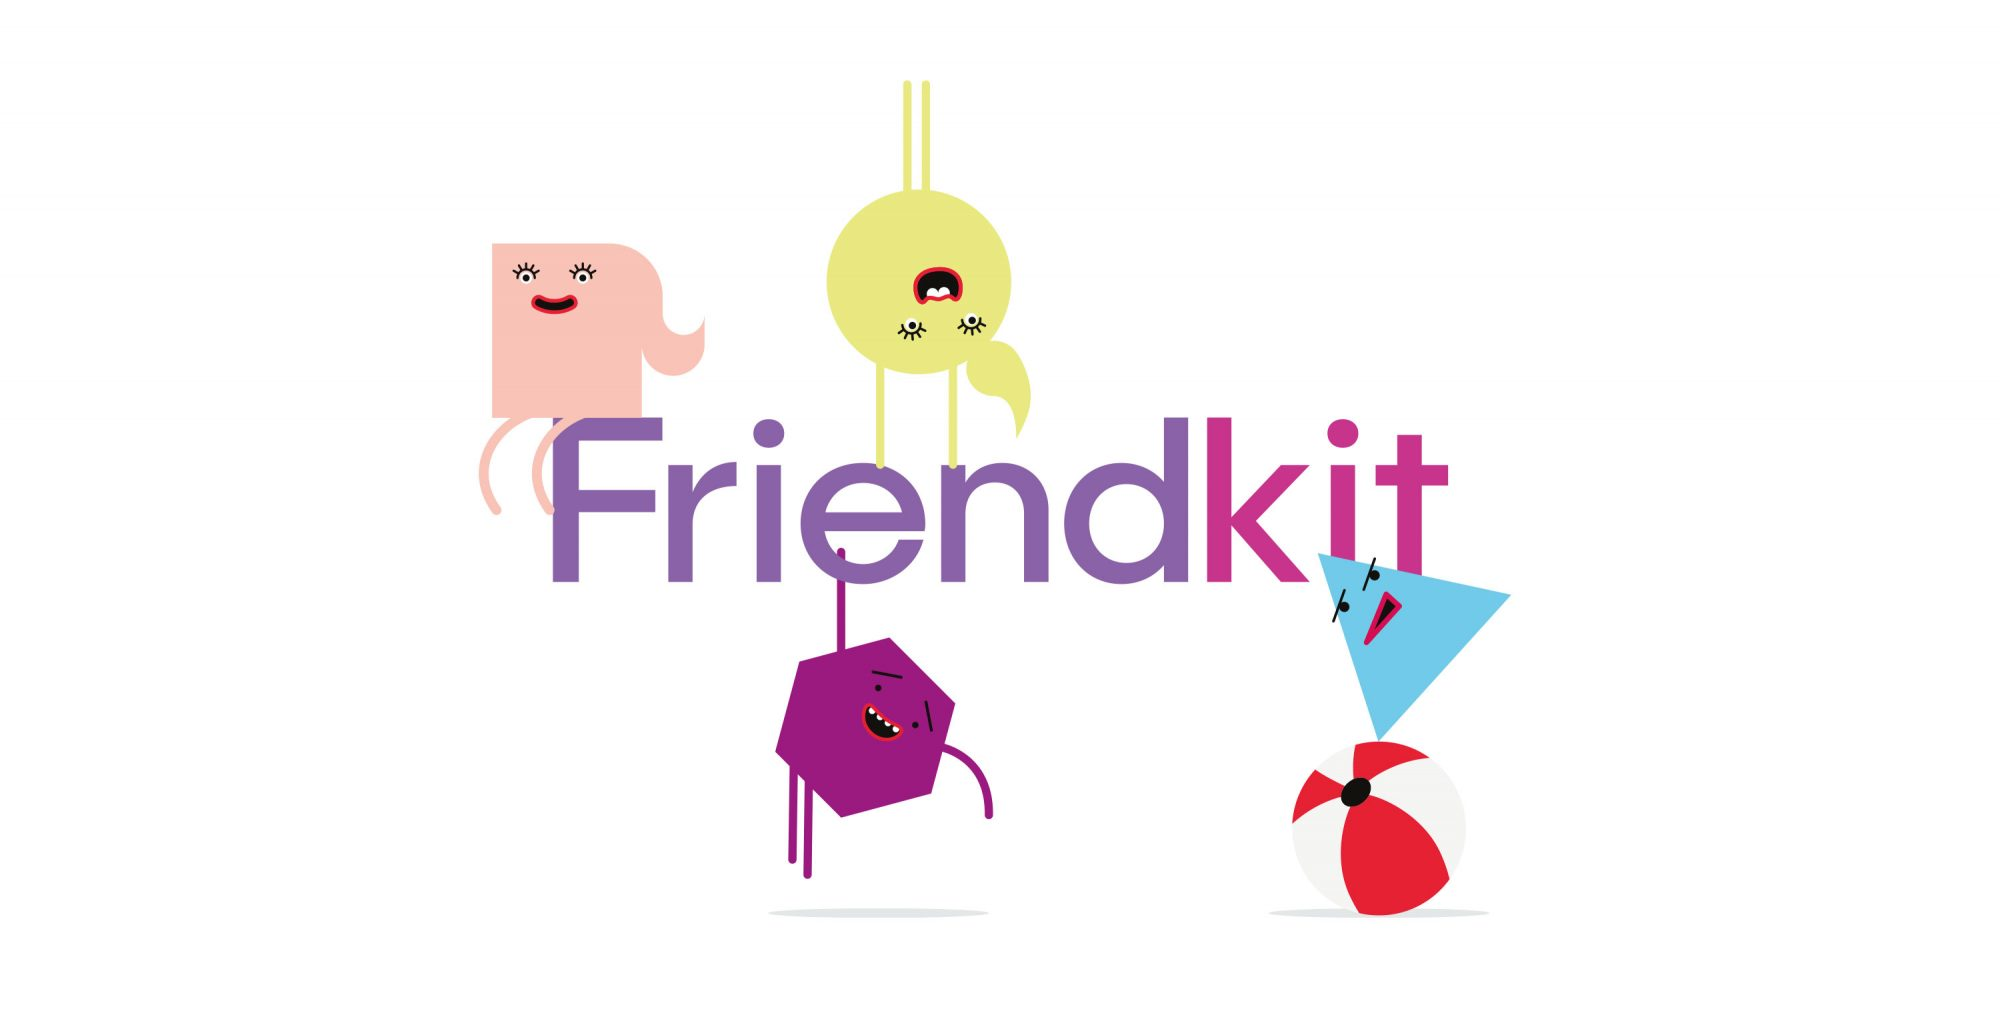 Friendkit